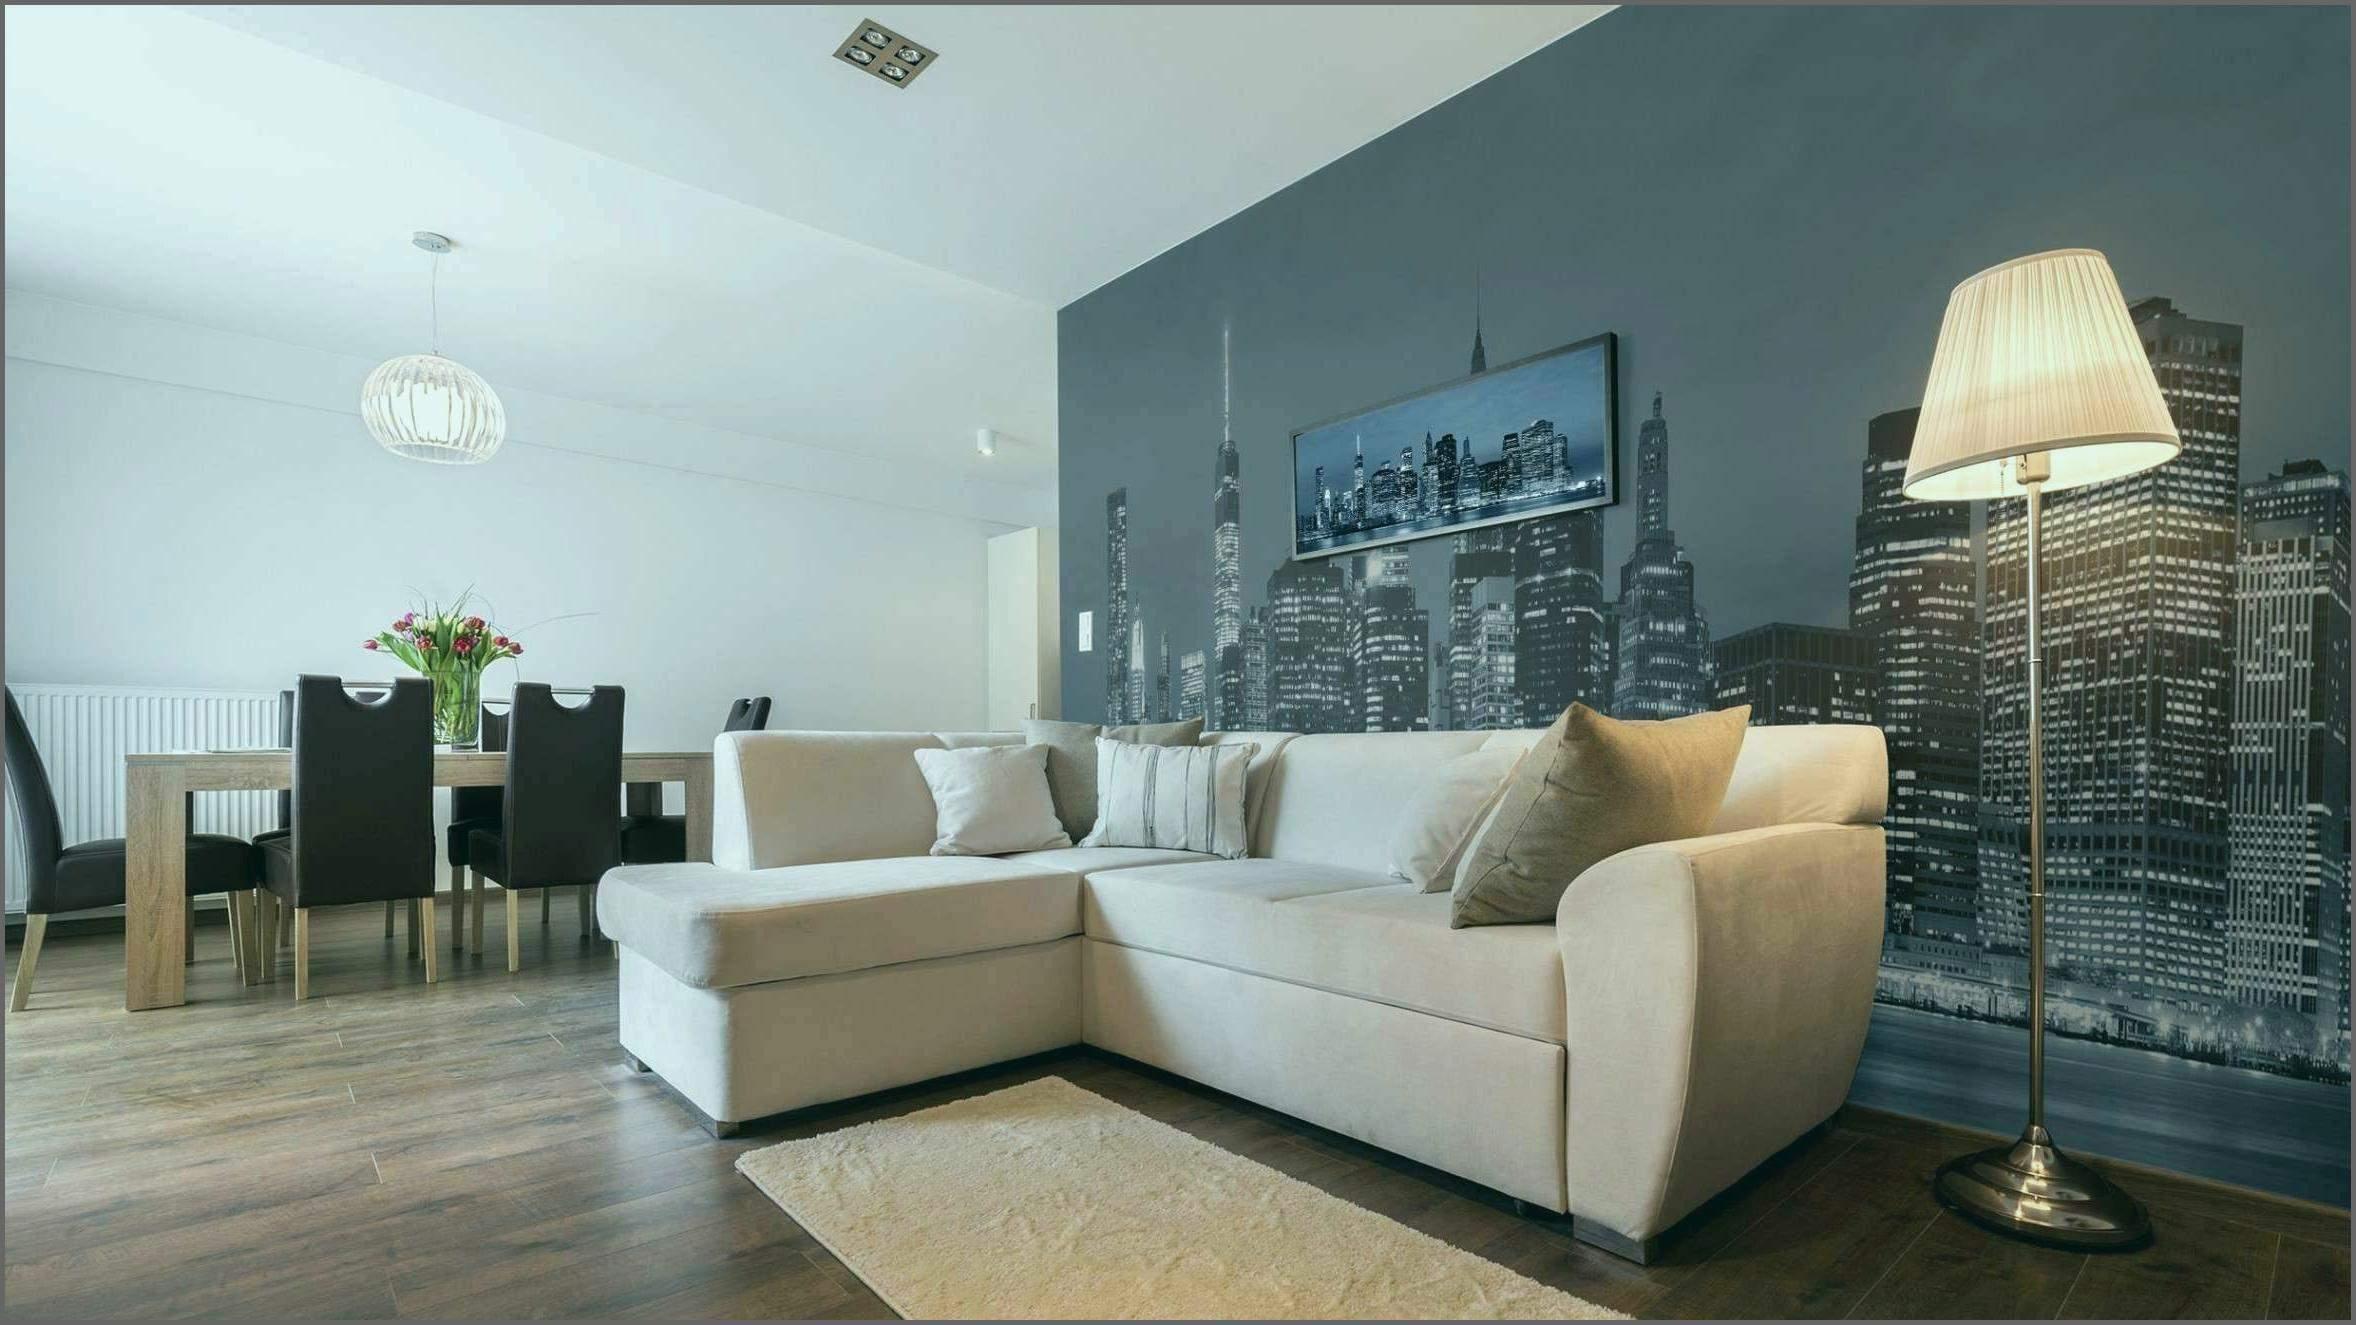 wohnzimmer gemutlich einrichten genial 33 grosartig und wunderbar wie gestalte ich mein wohnzimmer of wohnzimmer gemutlich einrichten